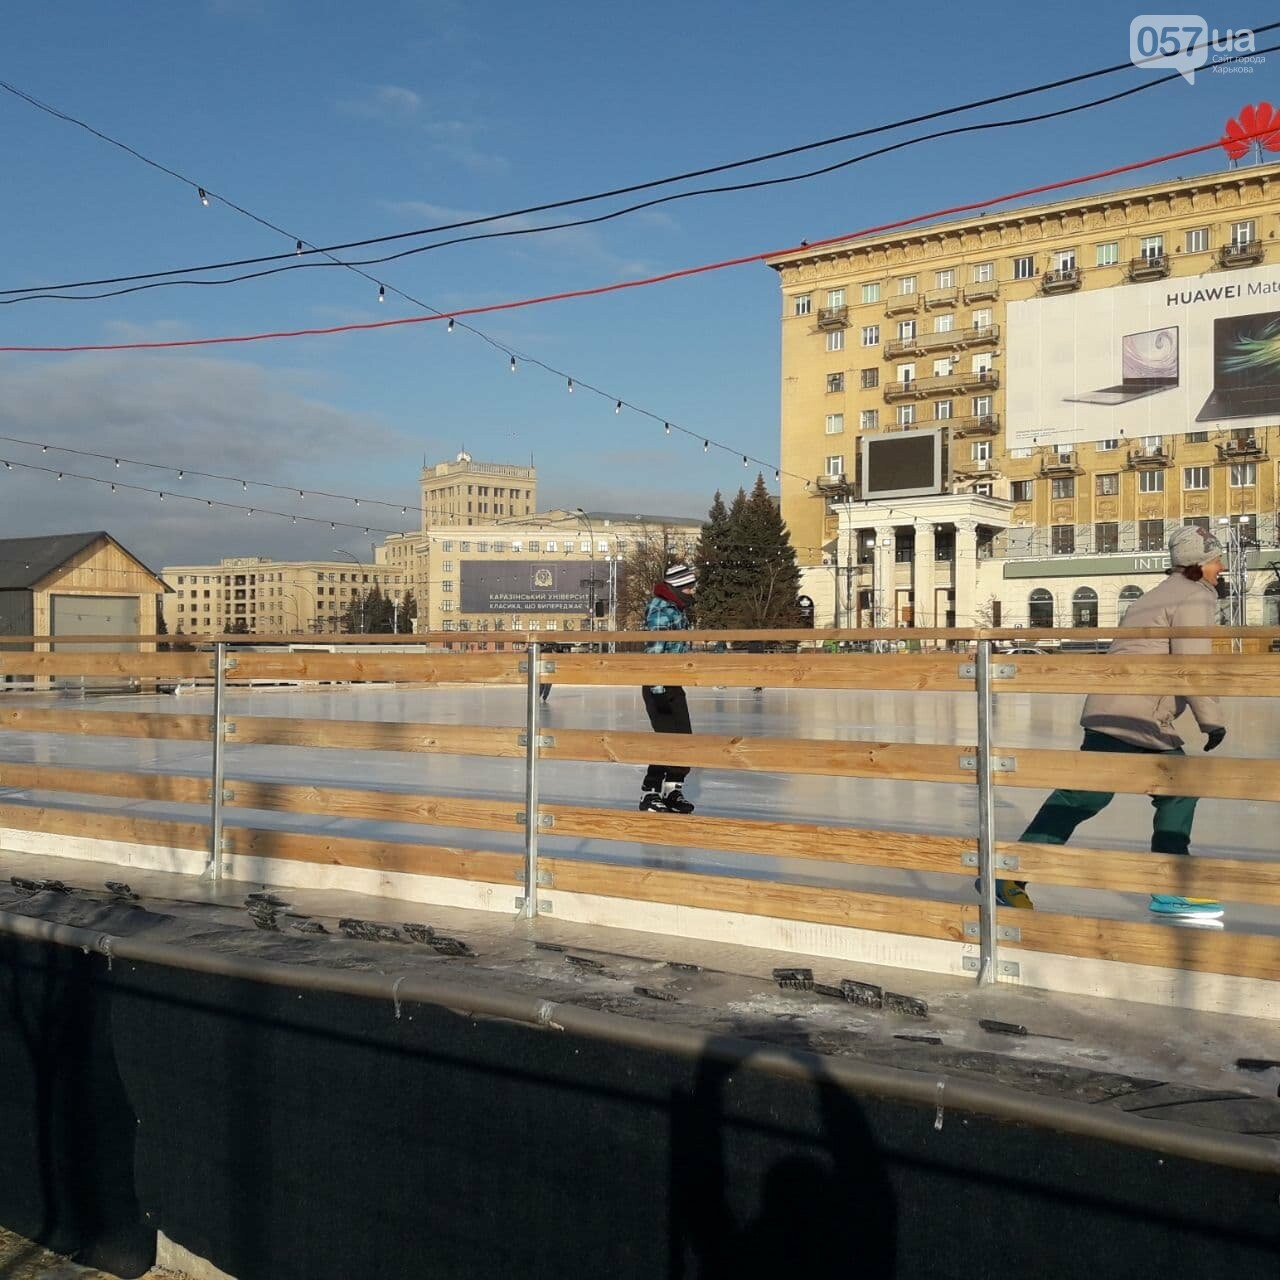 В Харькове на центральной площади открылся каток: цены, услуги и время работы, - ФОТО, фото-5